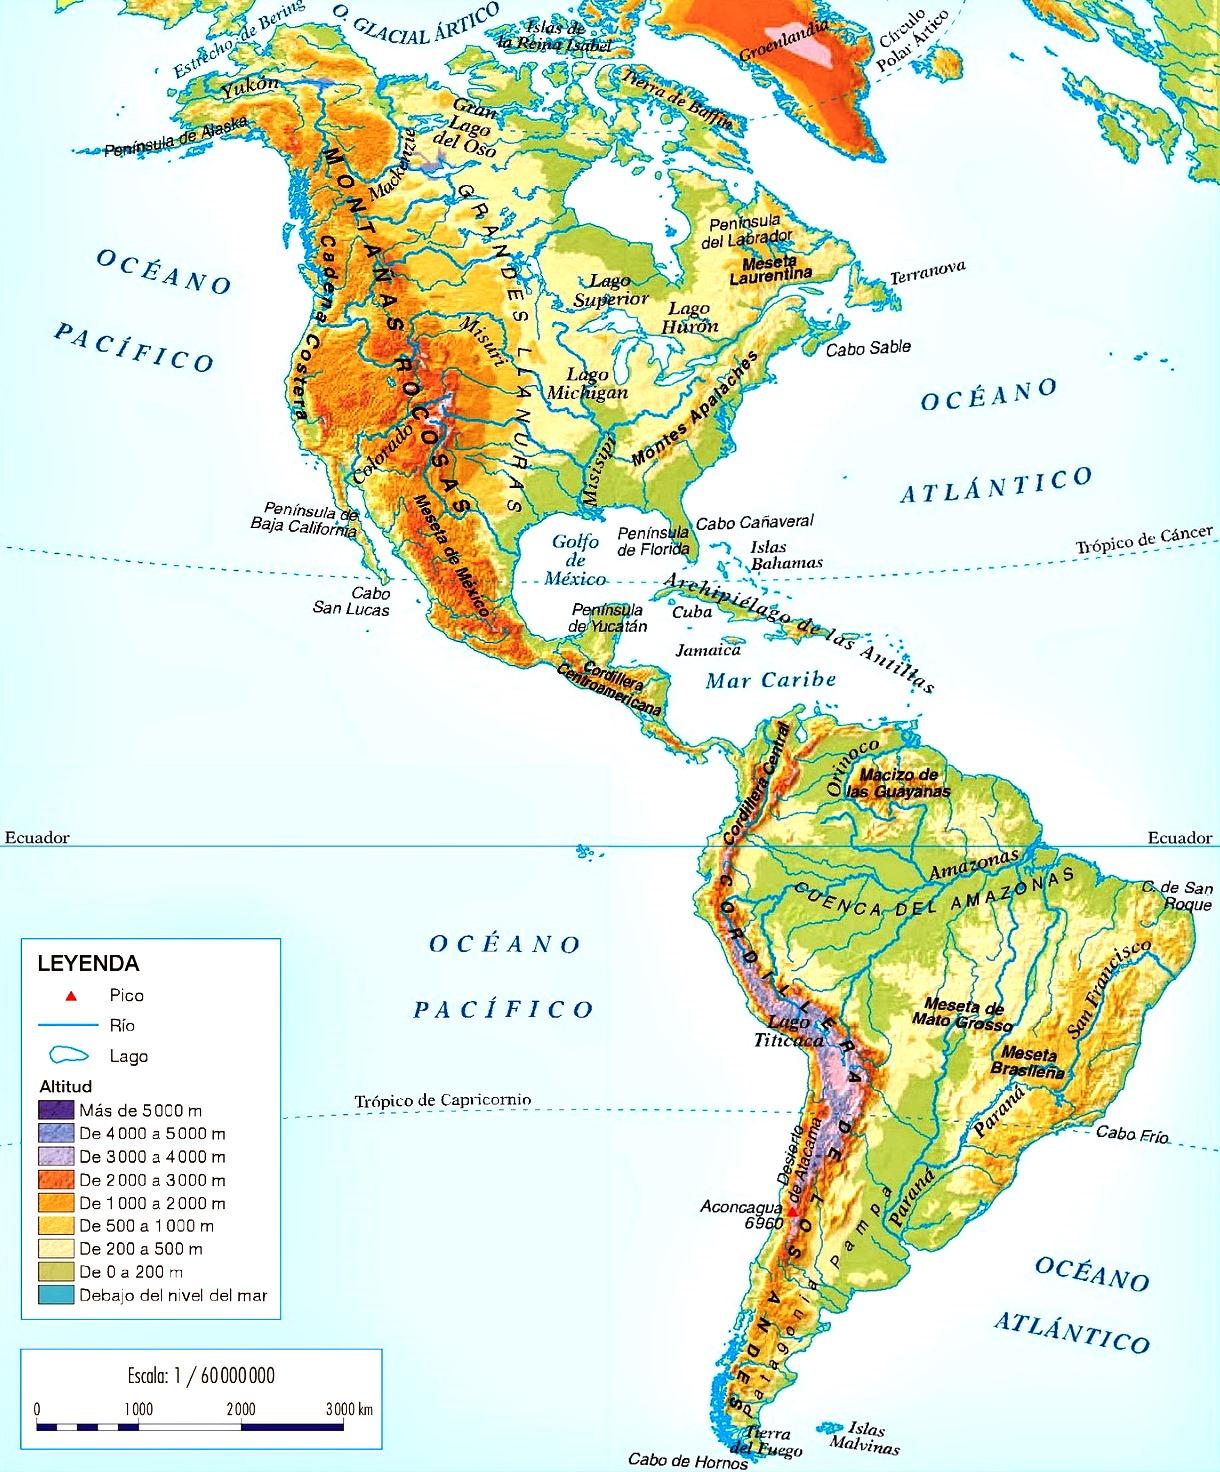 Mapa de relieve de América - Mapa de América